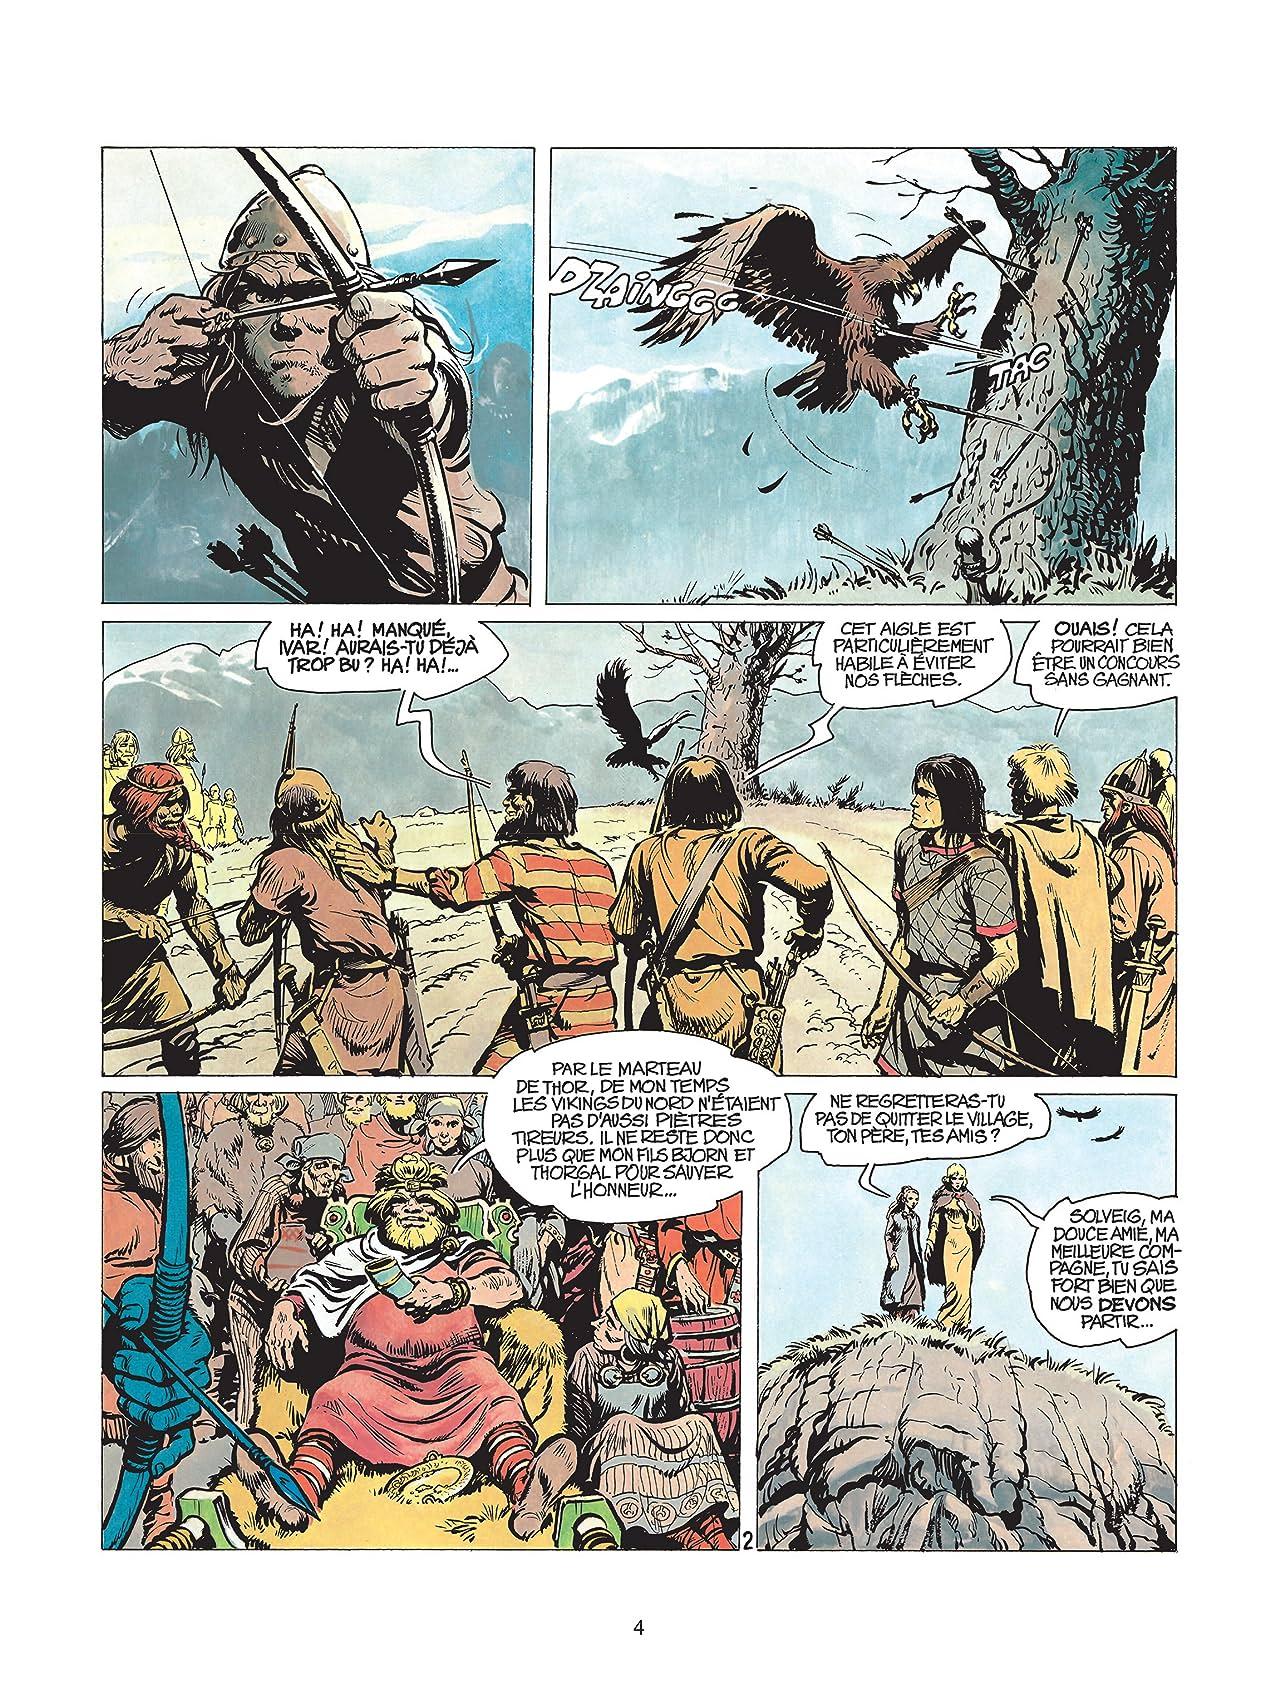 Thorgal Vol. 2: L'ile des mers gelées